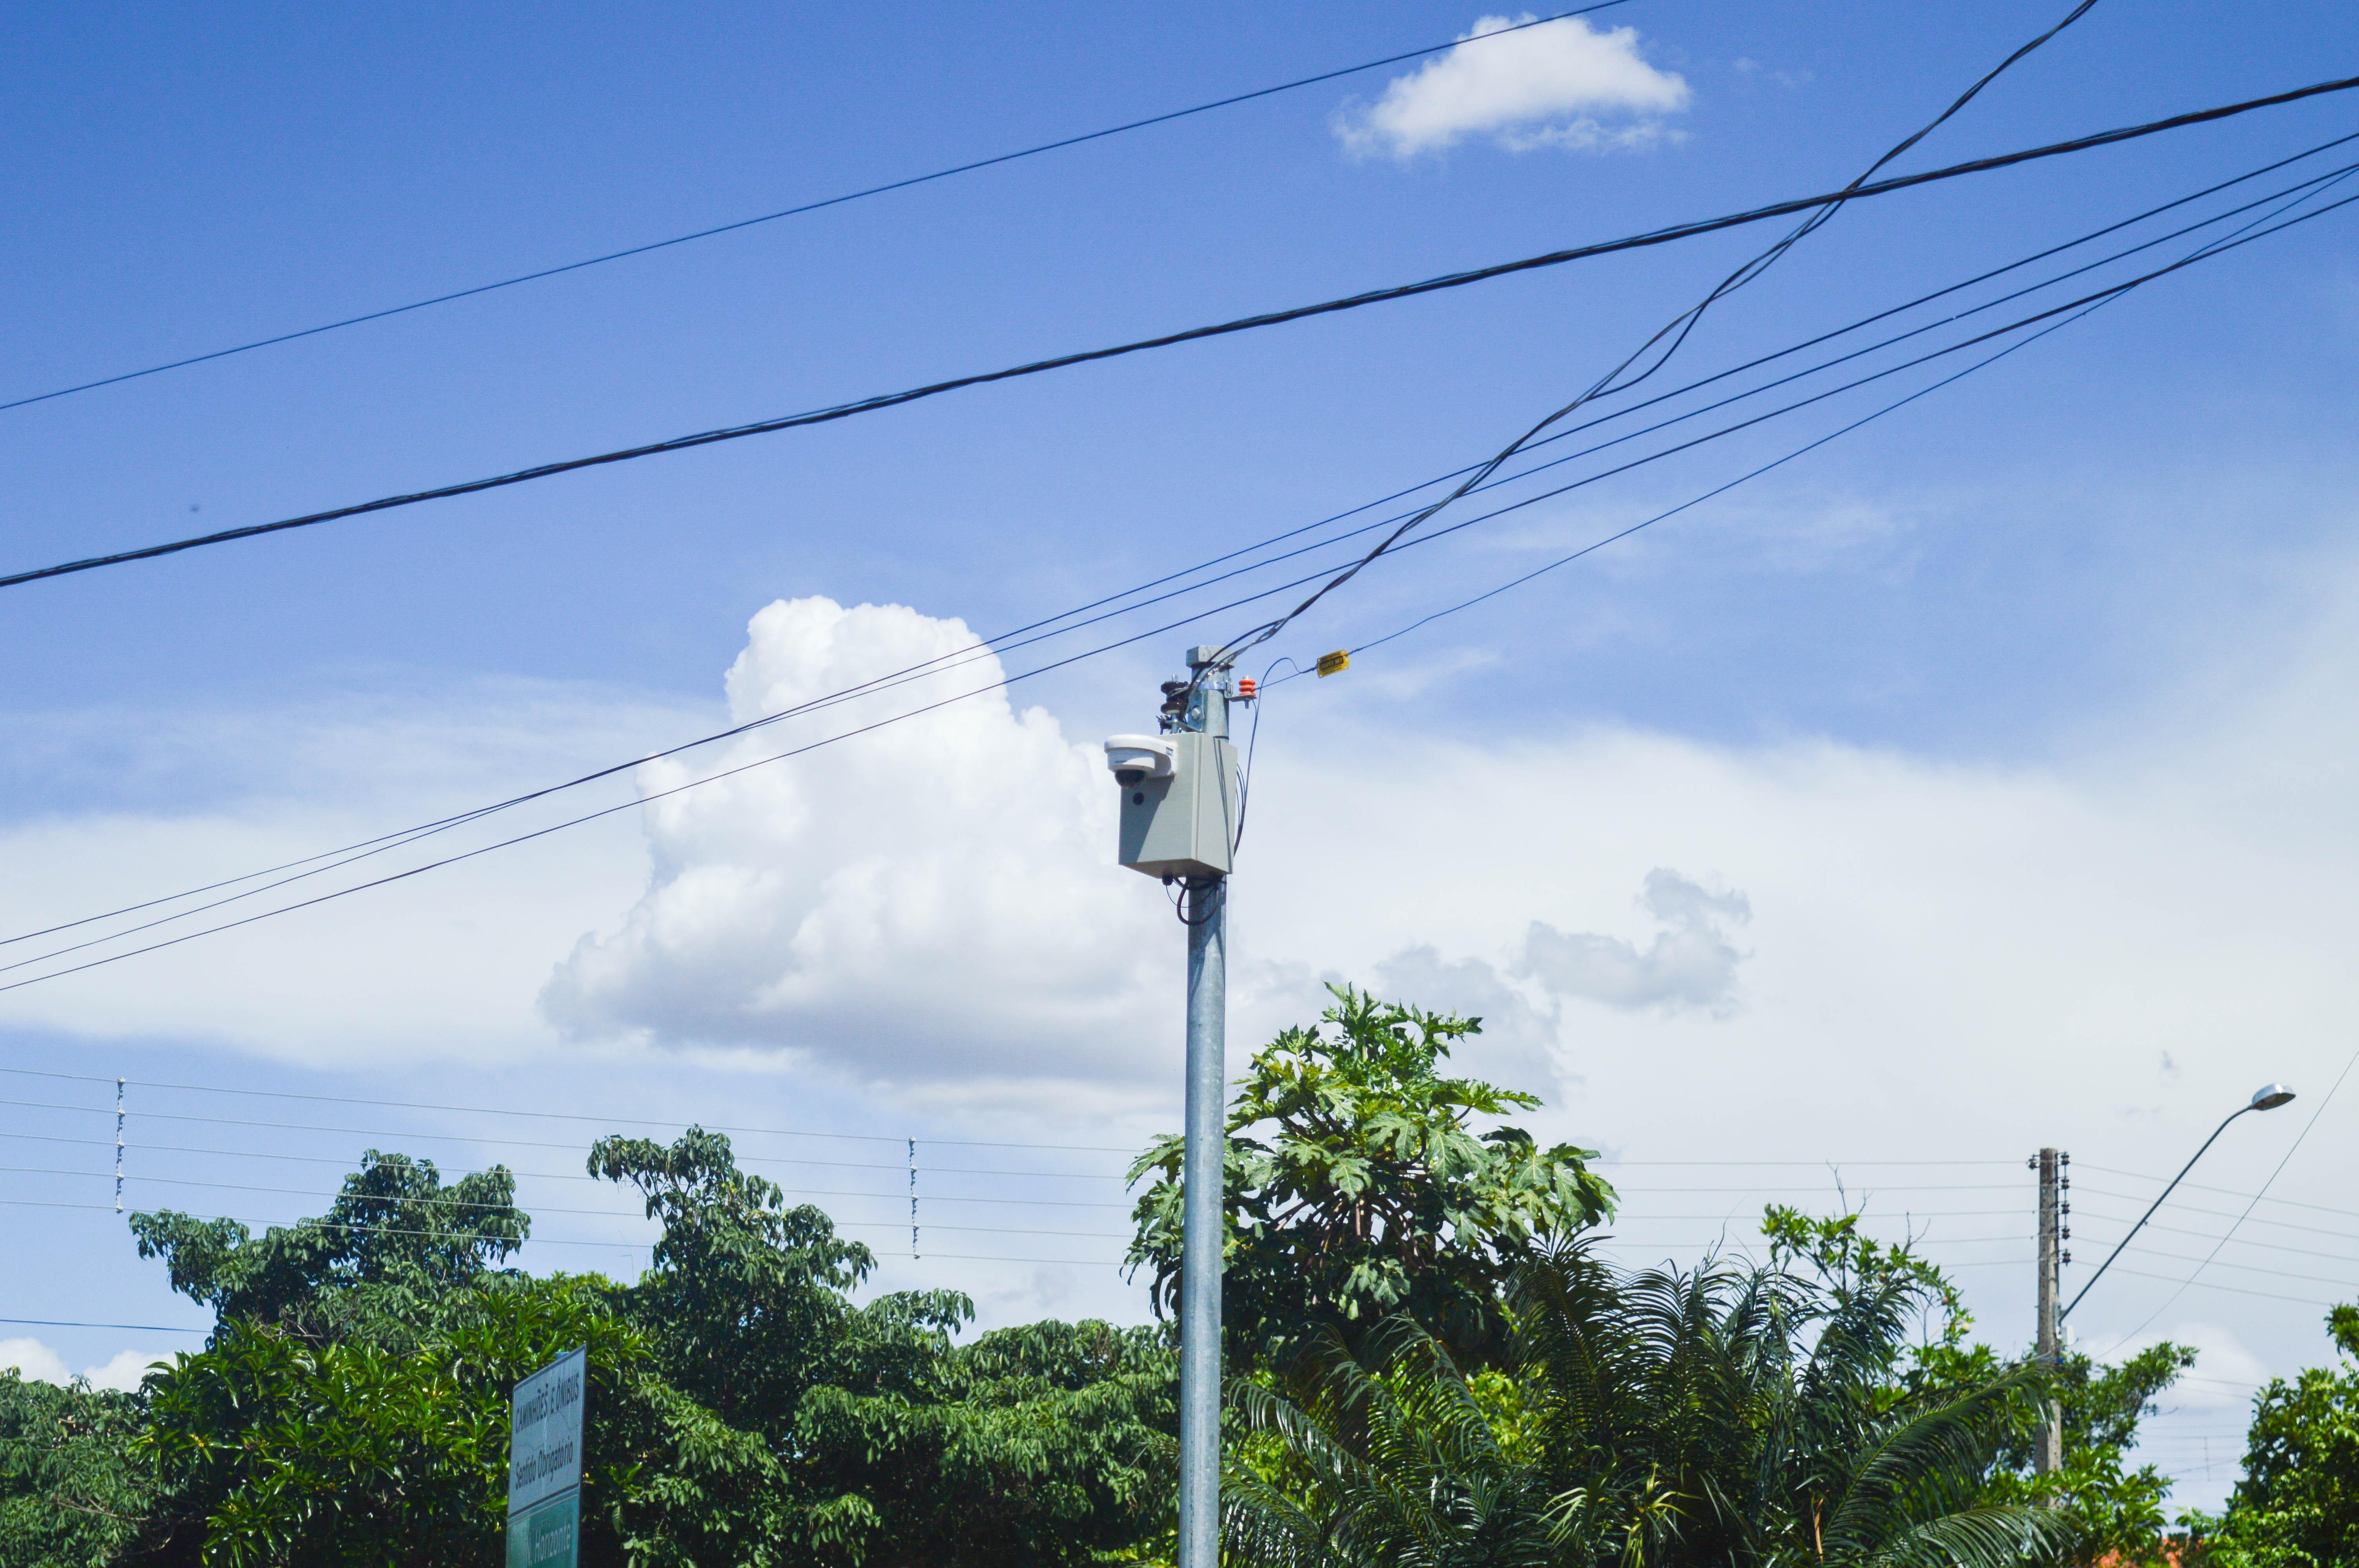 Câmeras estão localizadas em pontos estratégicos da cidade. Foto: Henrique Alonso Camilo / Prefeitura Municipal de Urupês.